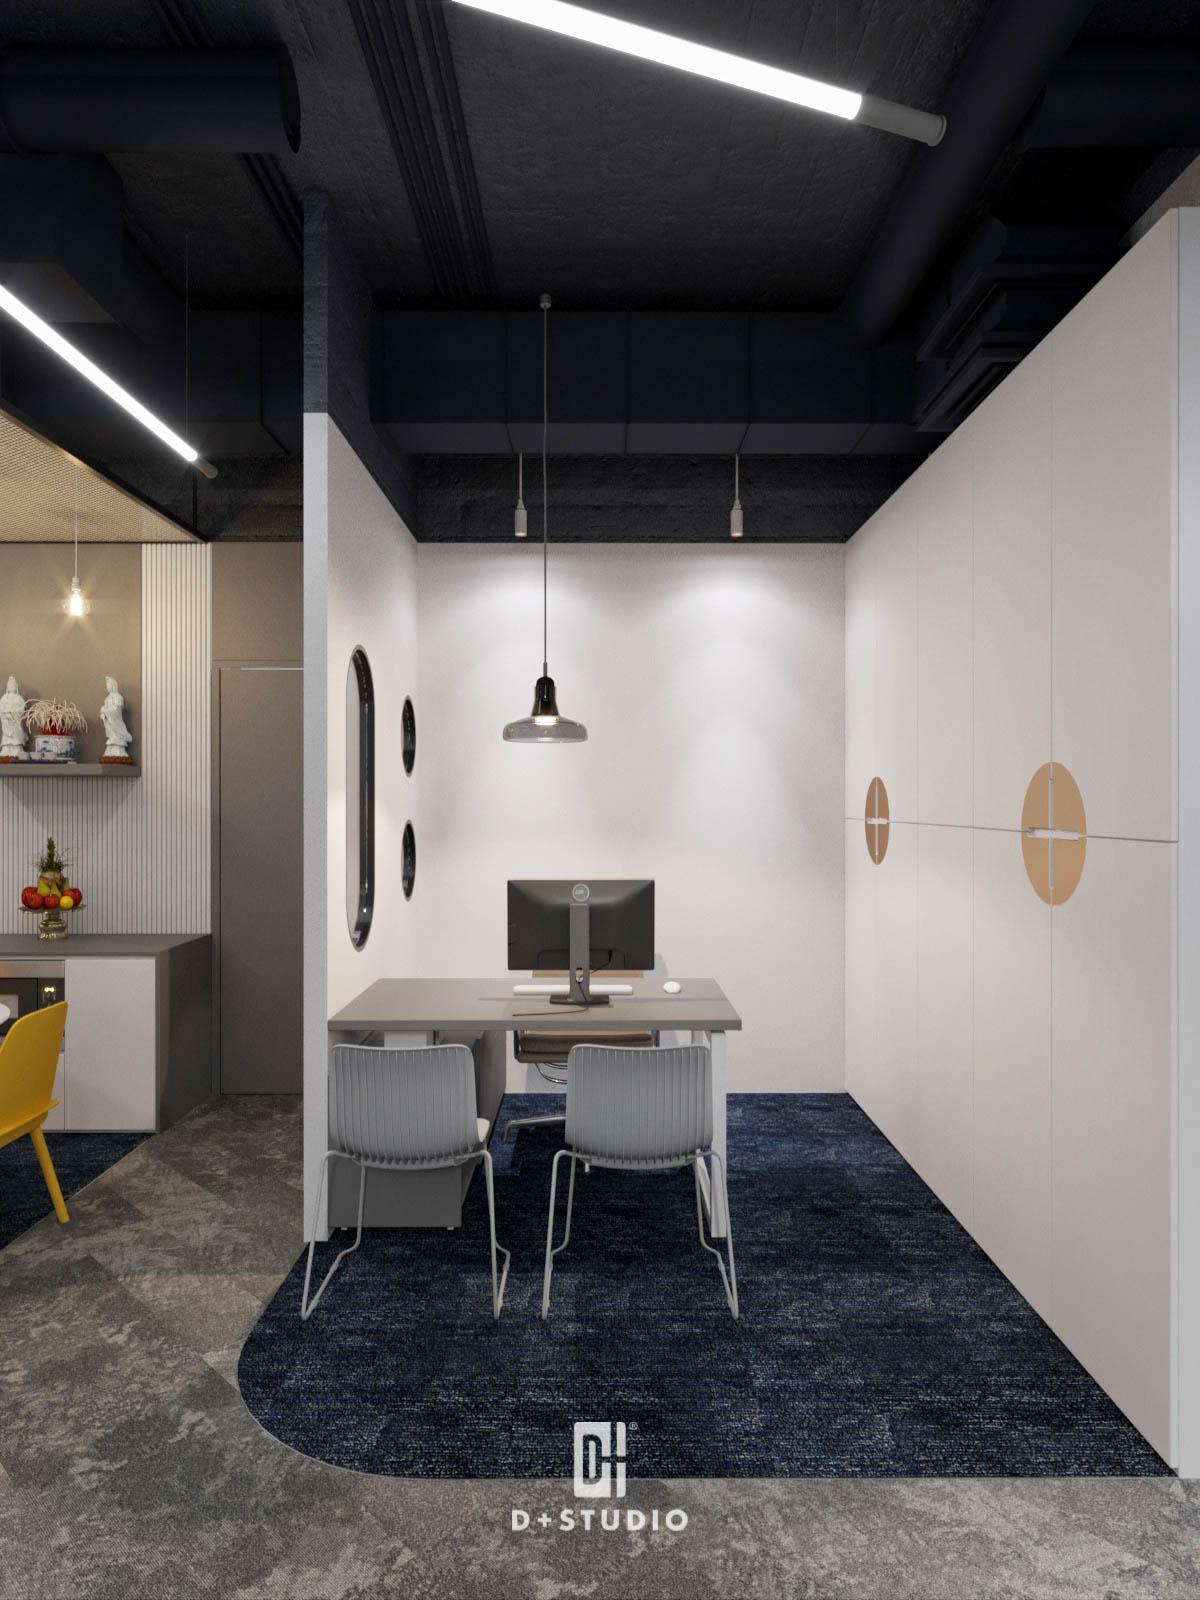 Khu vực làm việc cá nhân theo phong cách hầm trú ẩn tại văn phòng